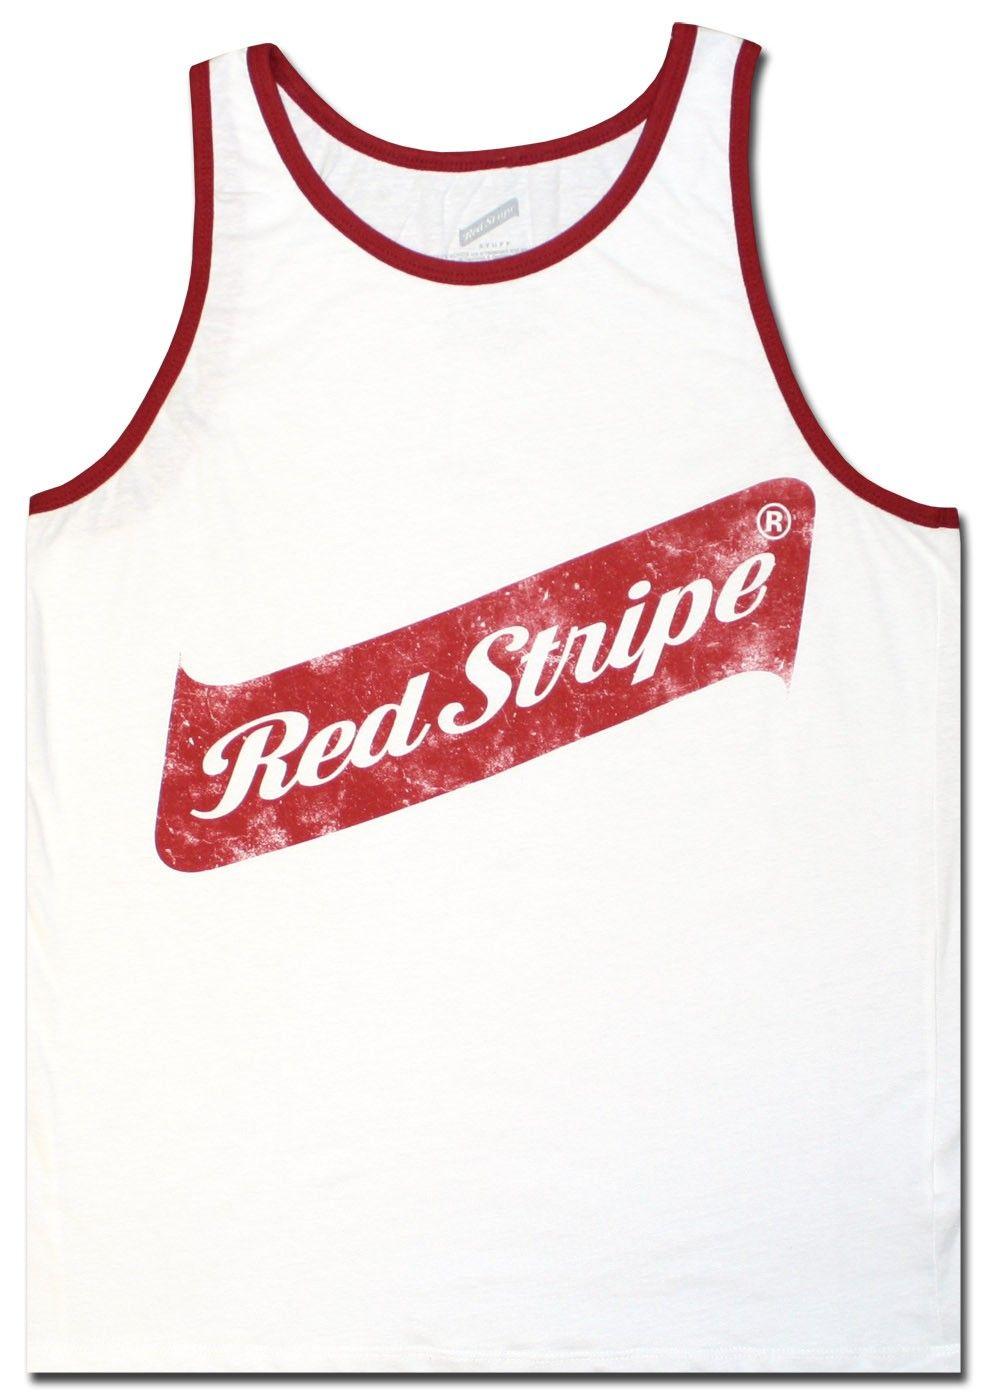 Red Stripe Men S Tank Top White Beer Shirt Officially Licensed Red Stripe Shirt Mens Tank Tops Beer Shirts Red Stripe